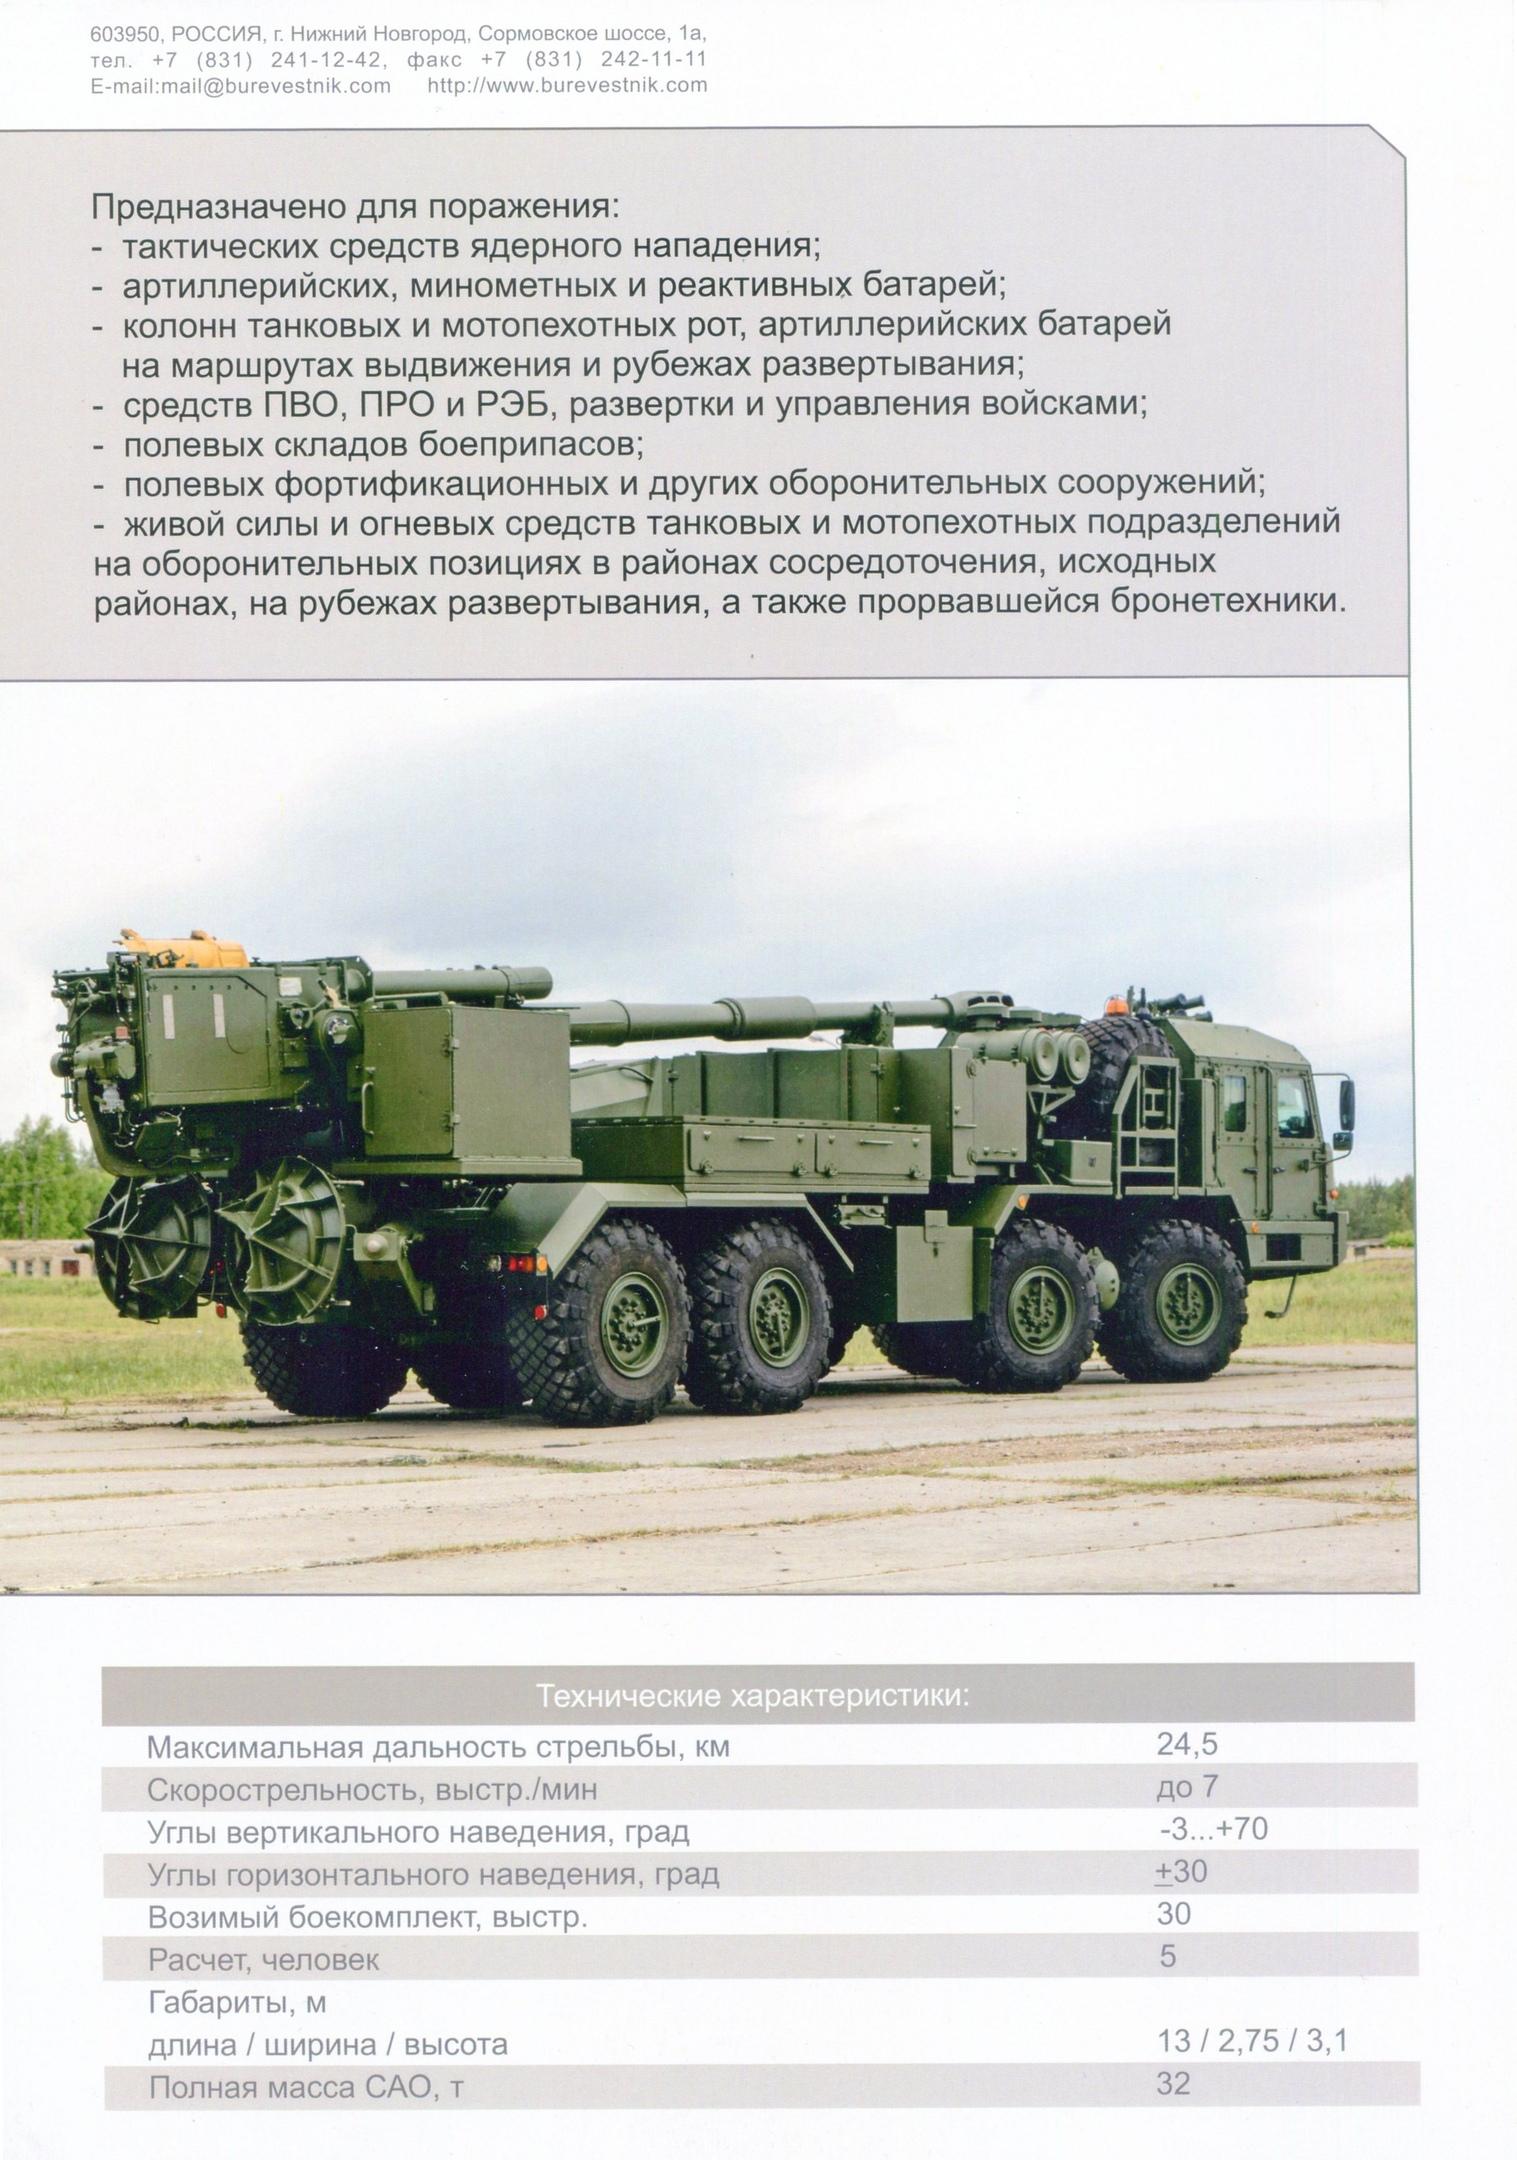 4v-A-5-VF3-Pj-Q.jpg